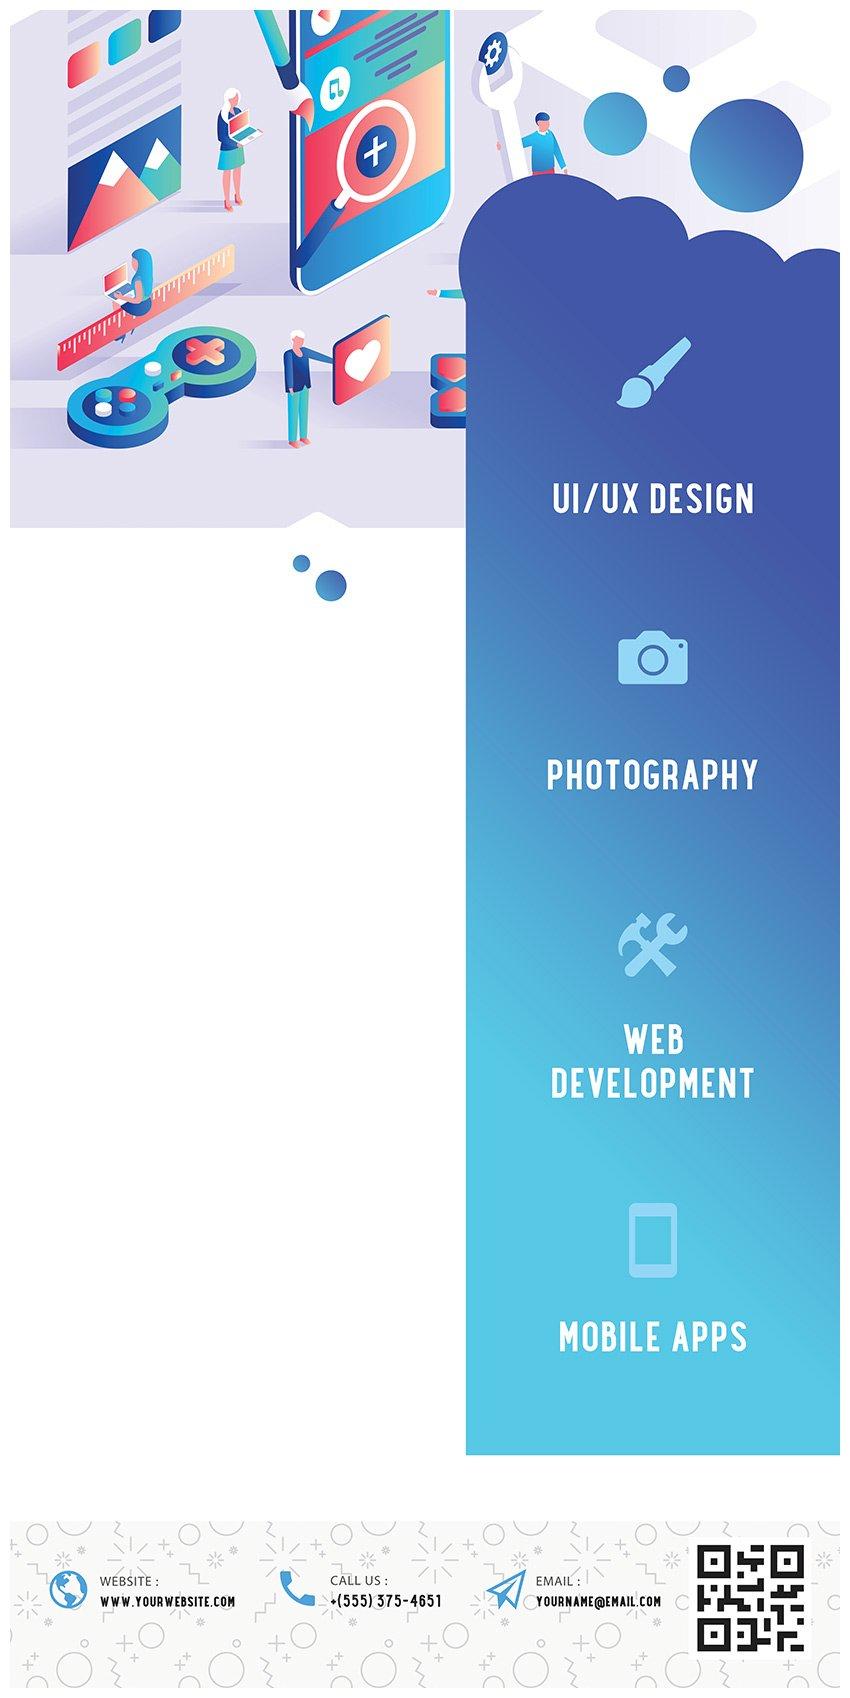 add icon descriptions